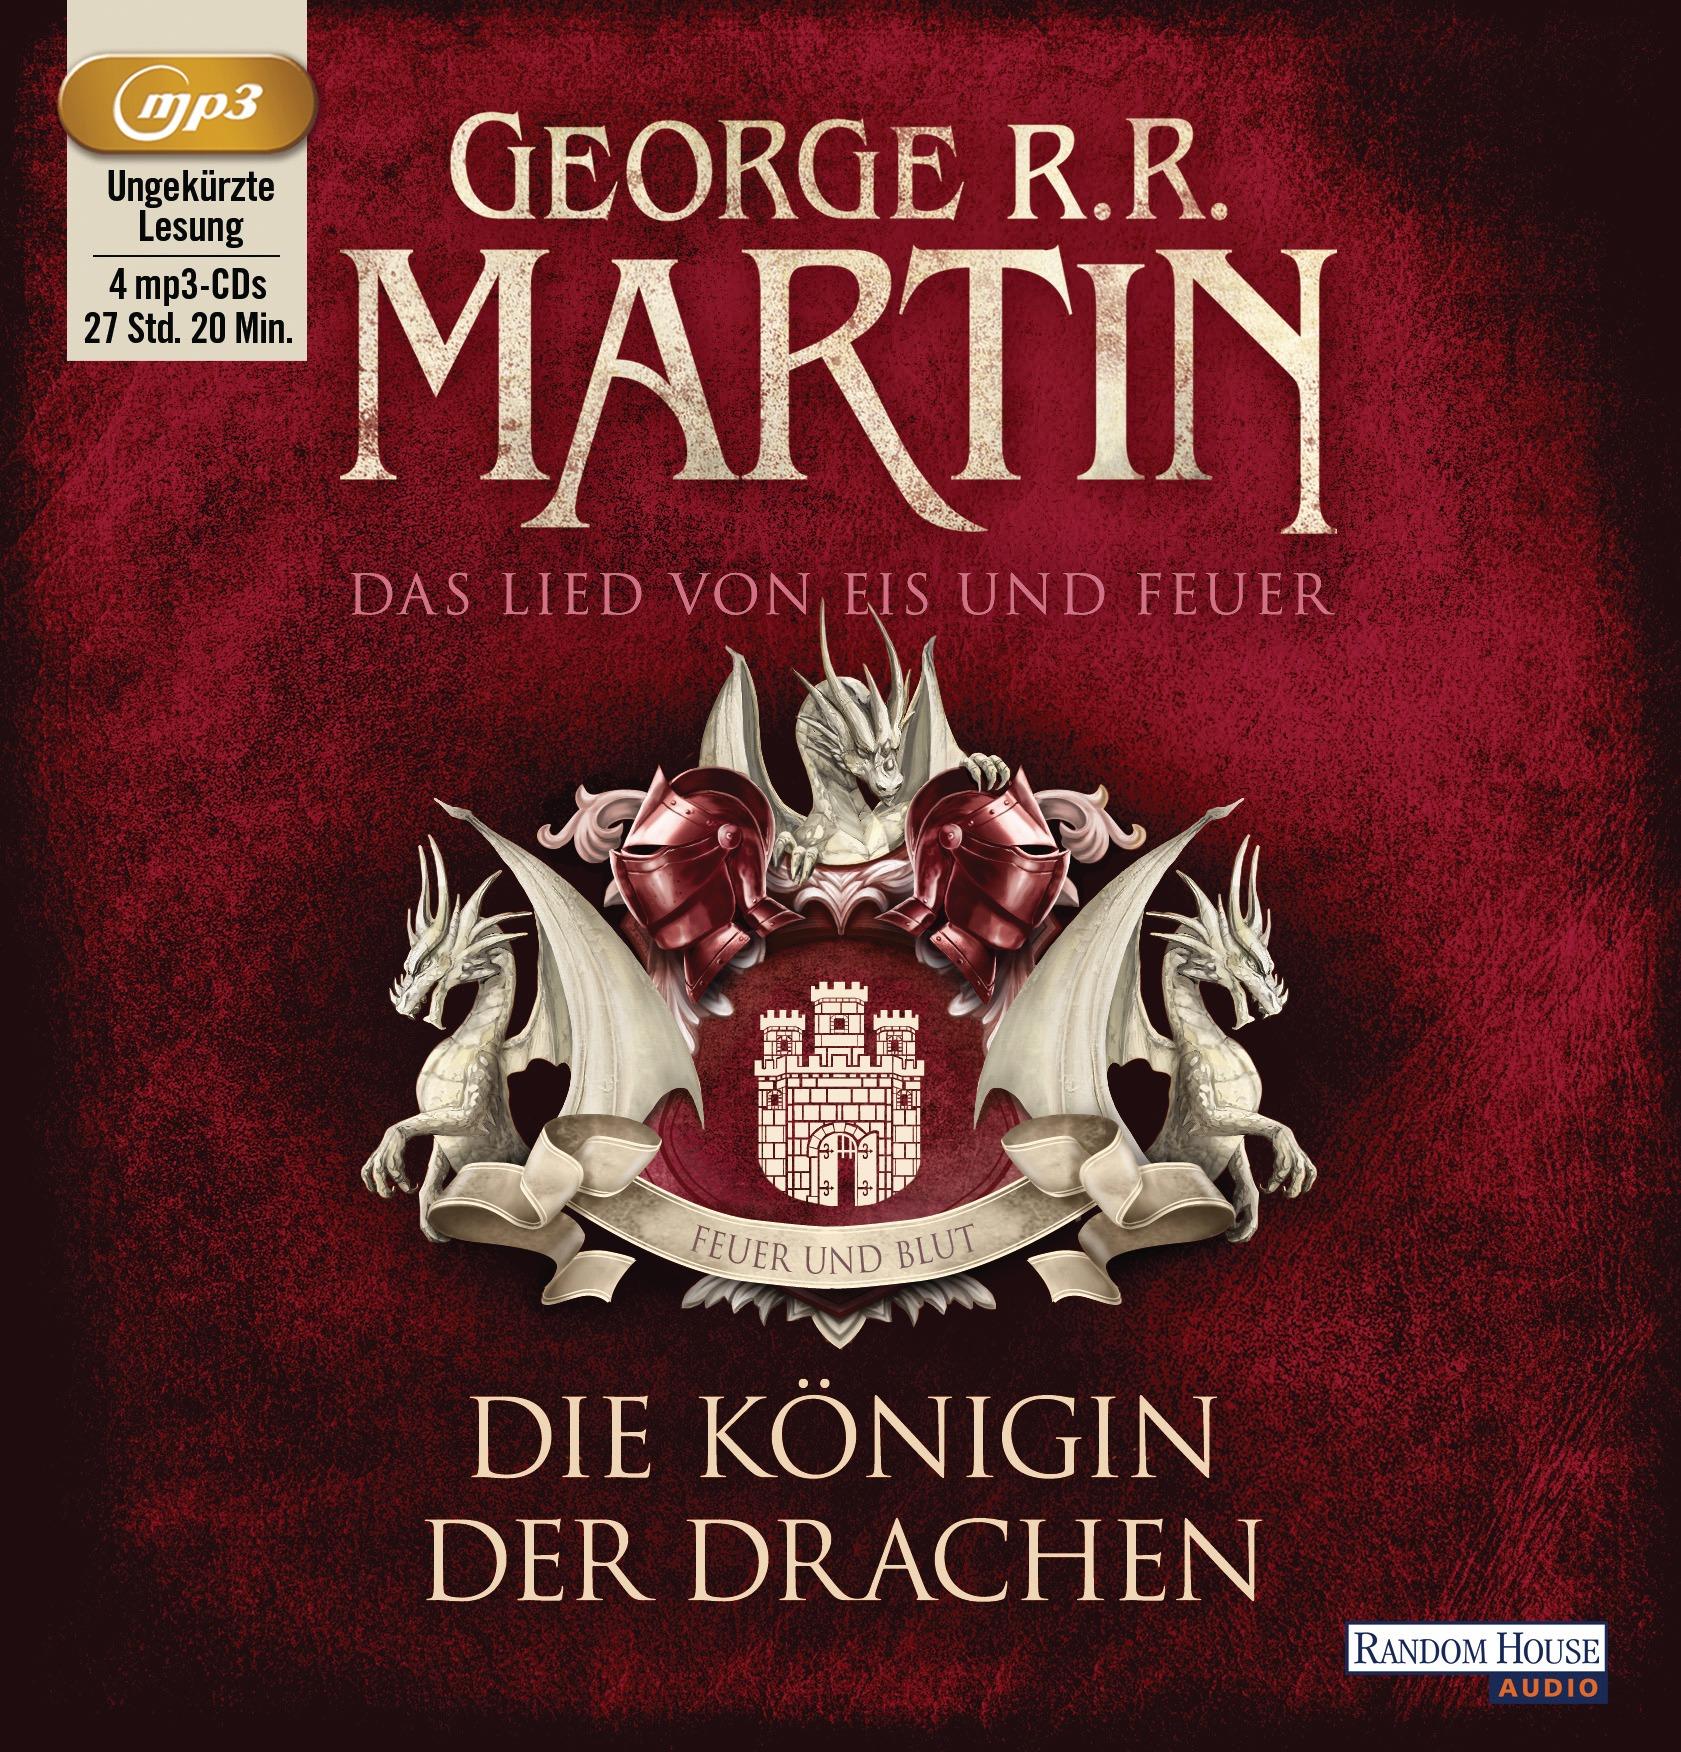 Das Lied von Eis und Feuer: Band 6 - Die Königin der Drachen - George R.R. Martin [4 mp3-CDs]